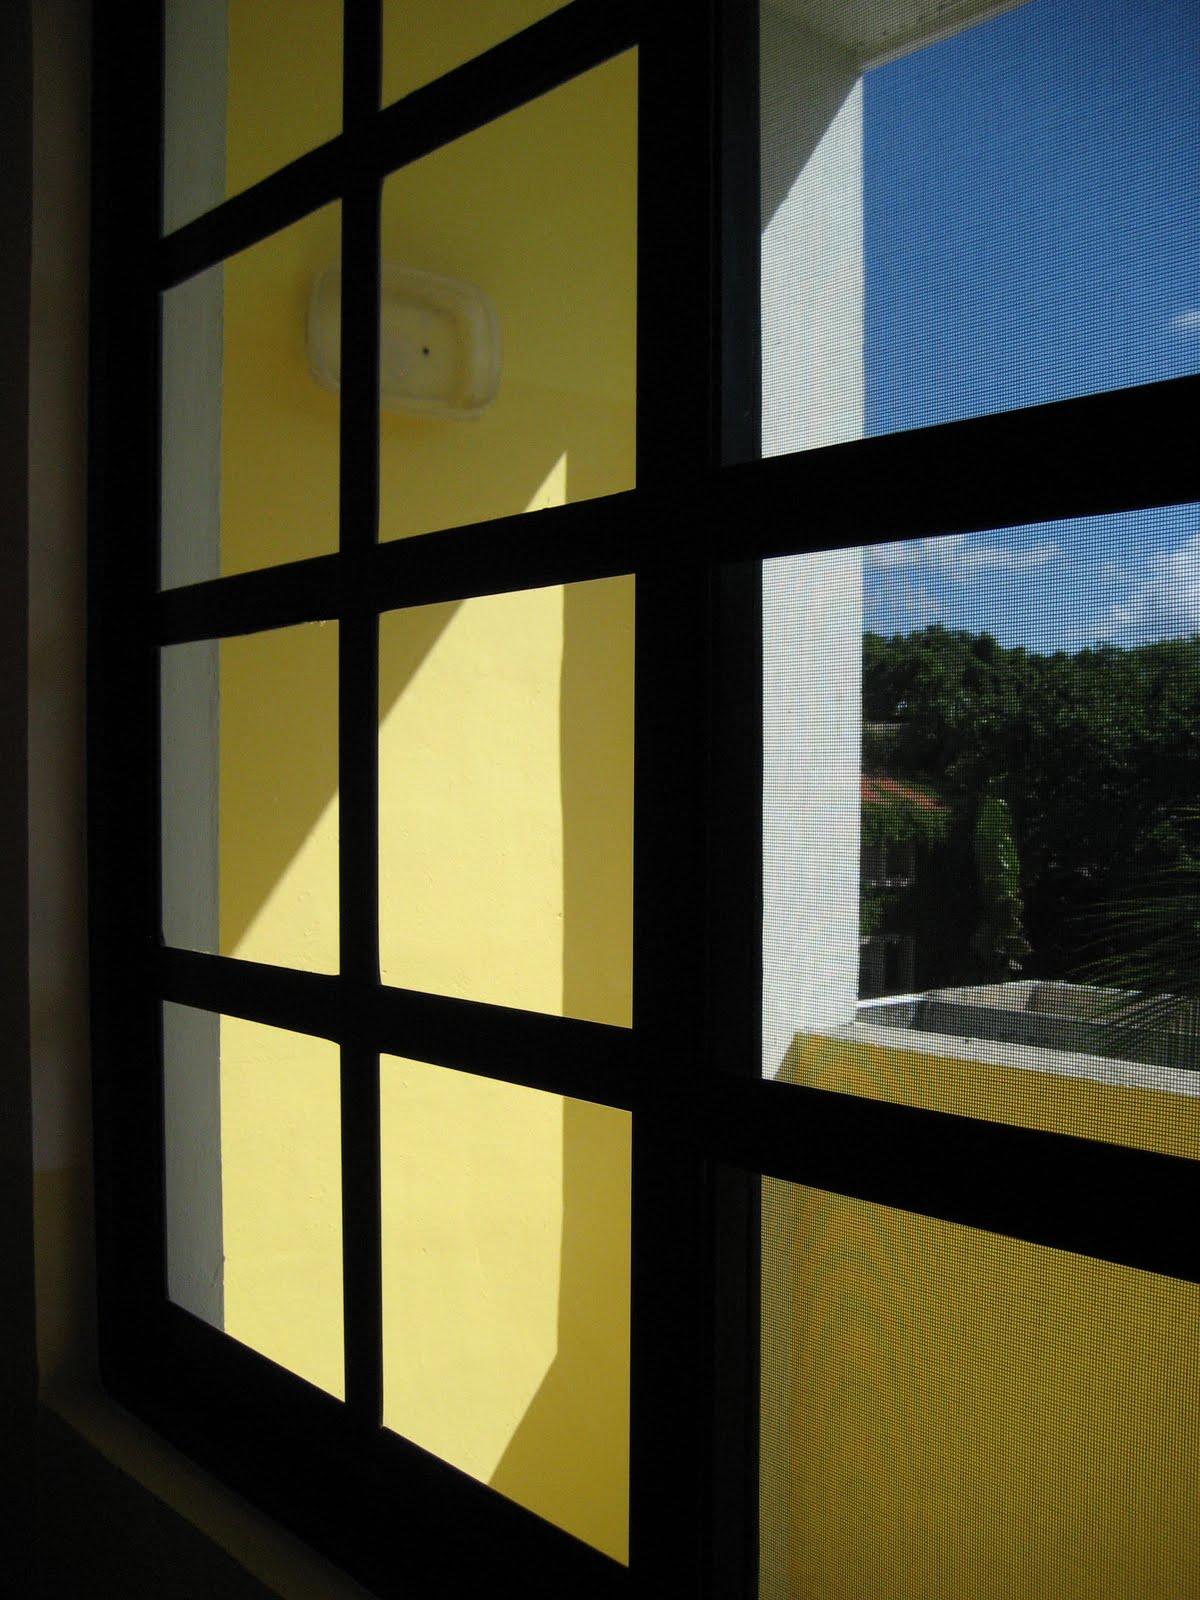 Classroom door with window - Classroom Door With Window